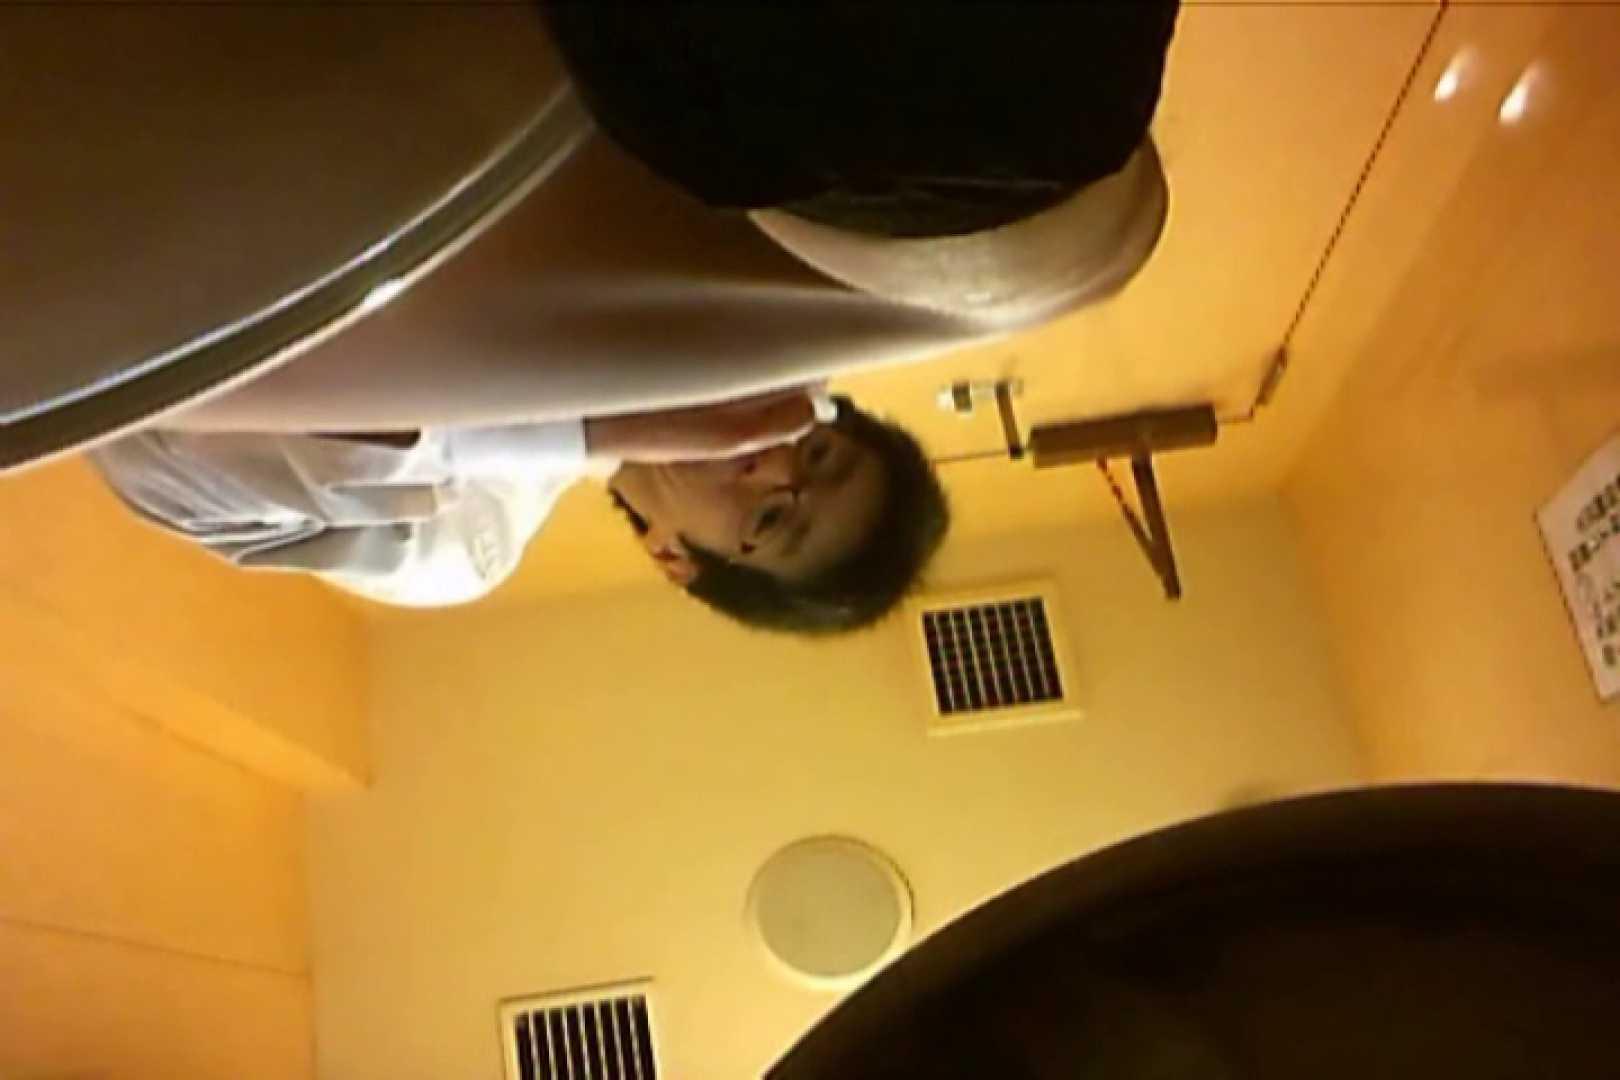 SEASON 2ND!掴み取りさんの洗面所覗き!in新幹線!VOL.18 スジ筋系ボーイズ | のぞき  100pic 15